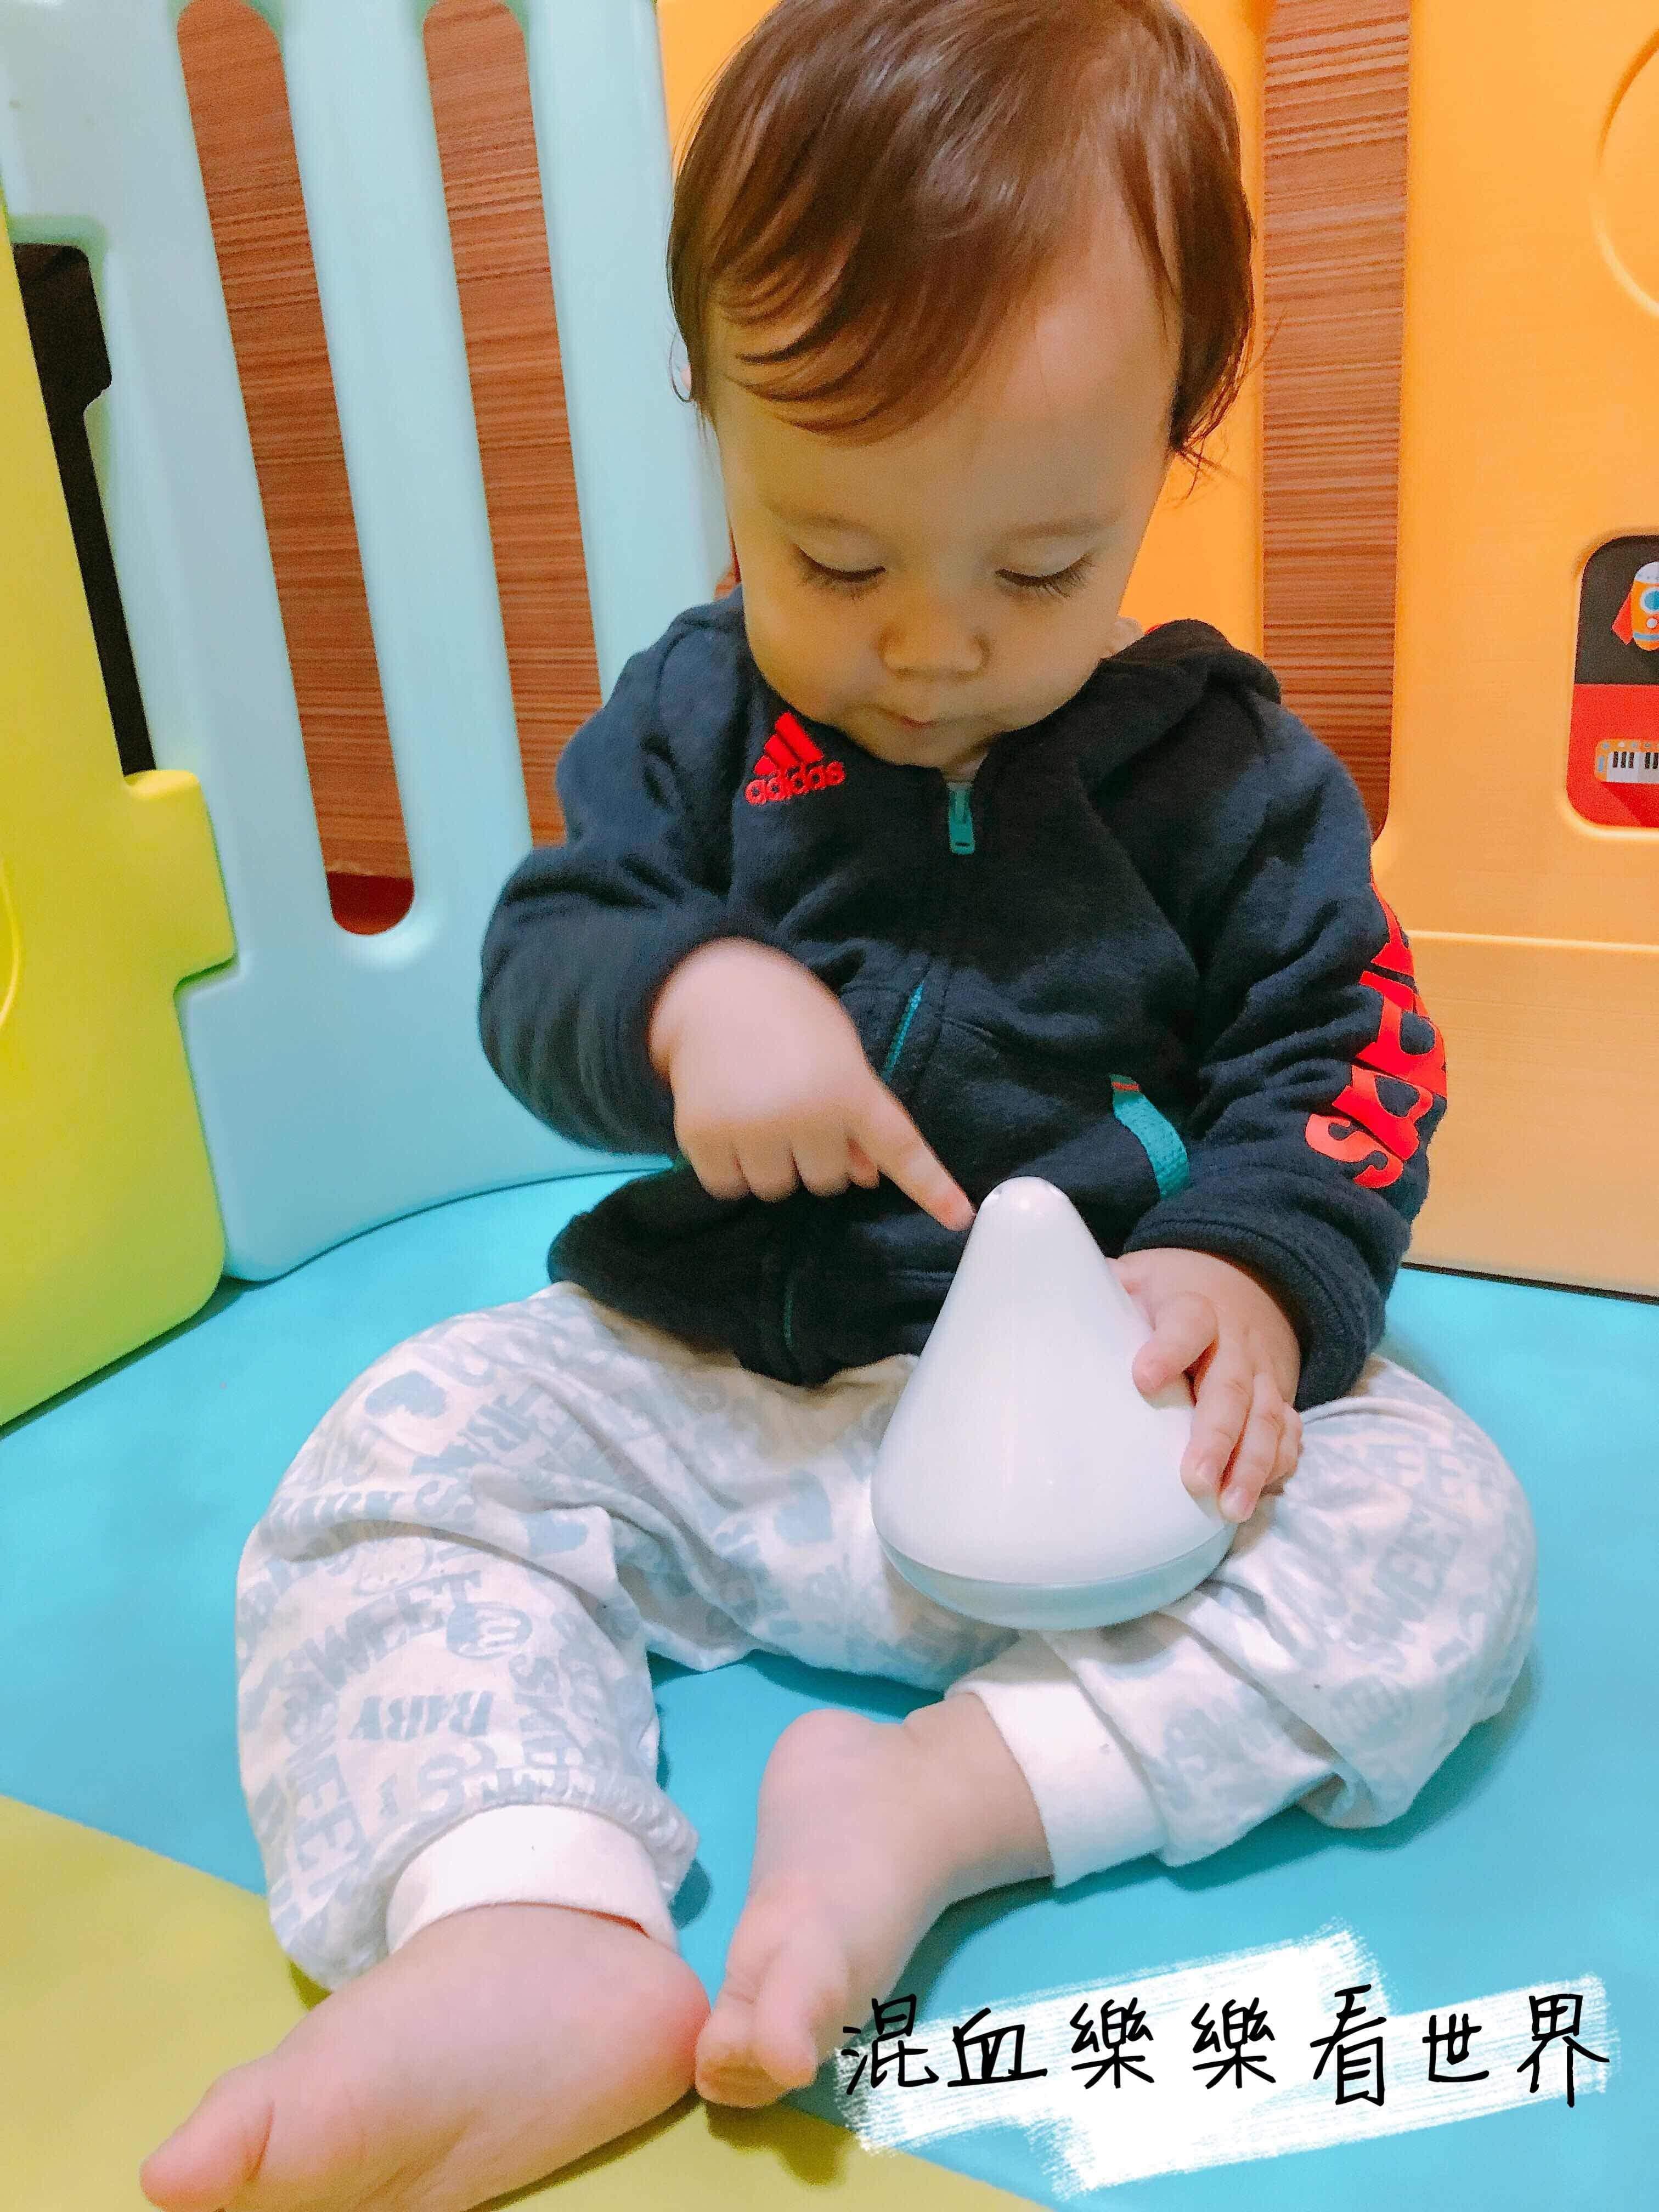 【育兒推薦】外出消毒免擔心! 時尚媽咪好夥伴Horizon 嬰兒奶嘴UV滅菌器只要90秒輕鬆完成殺菌